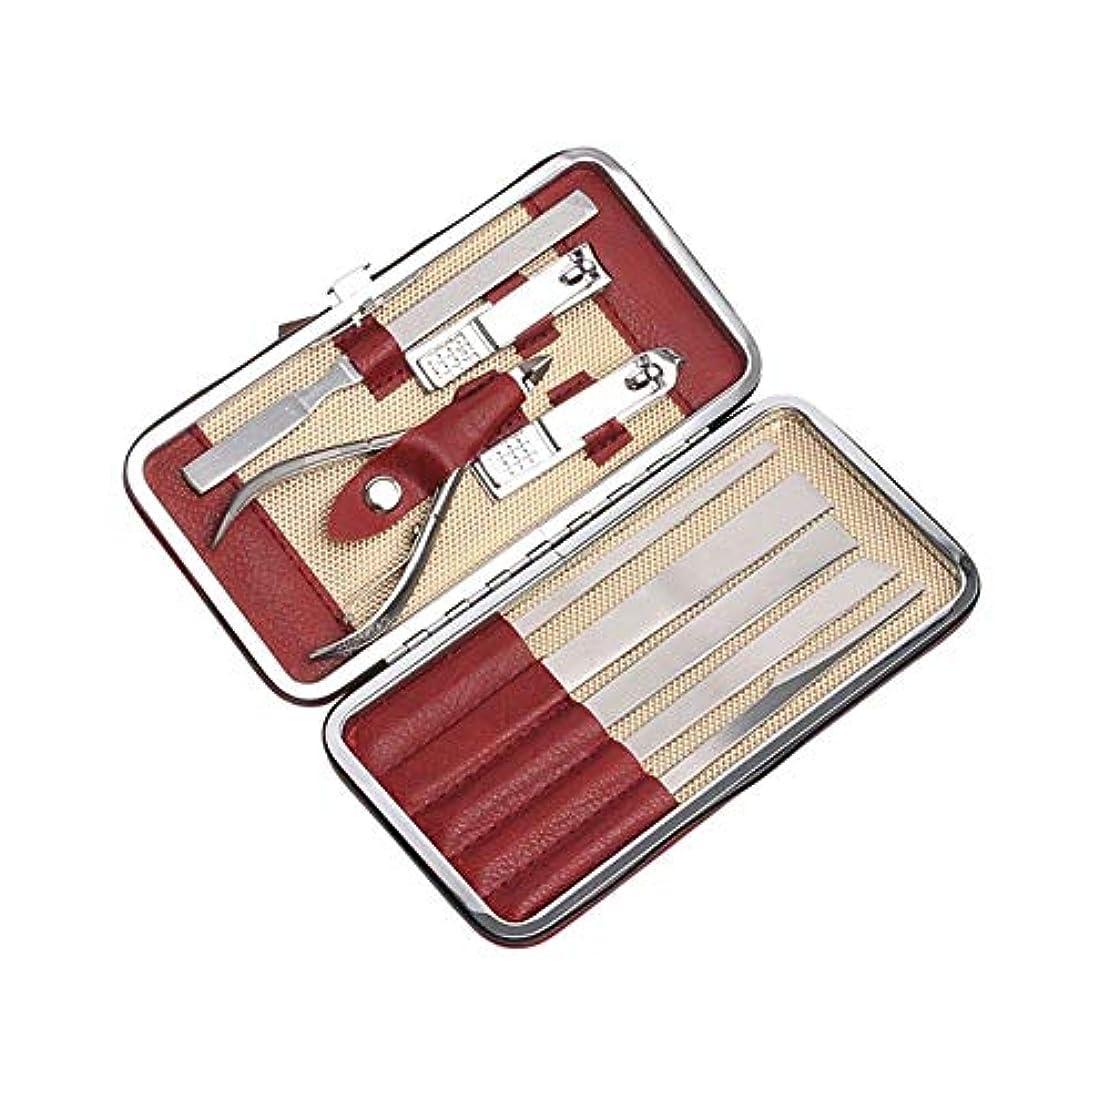 離すリテラシー移民ZGSH プロのマニキュアツール、9の爪切りセット、シャープで耐久性のあるステンレス鋼 (Color : Silver)